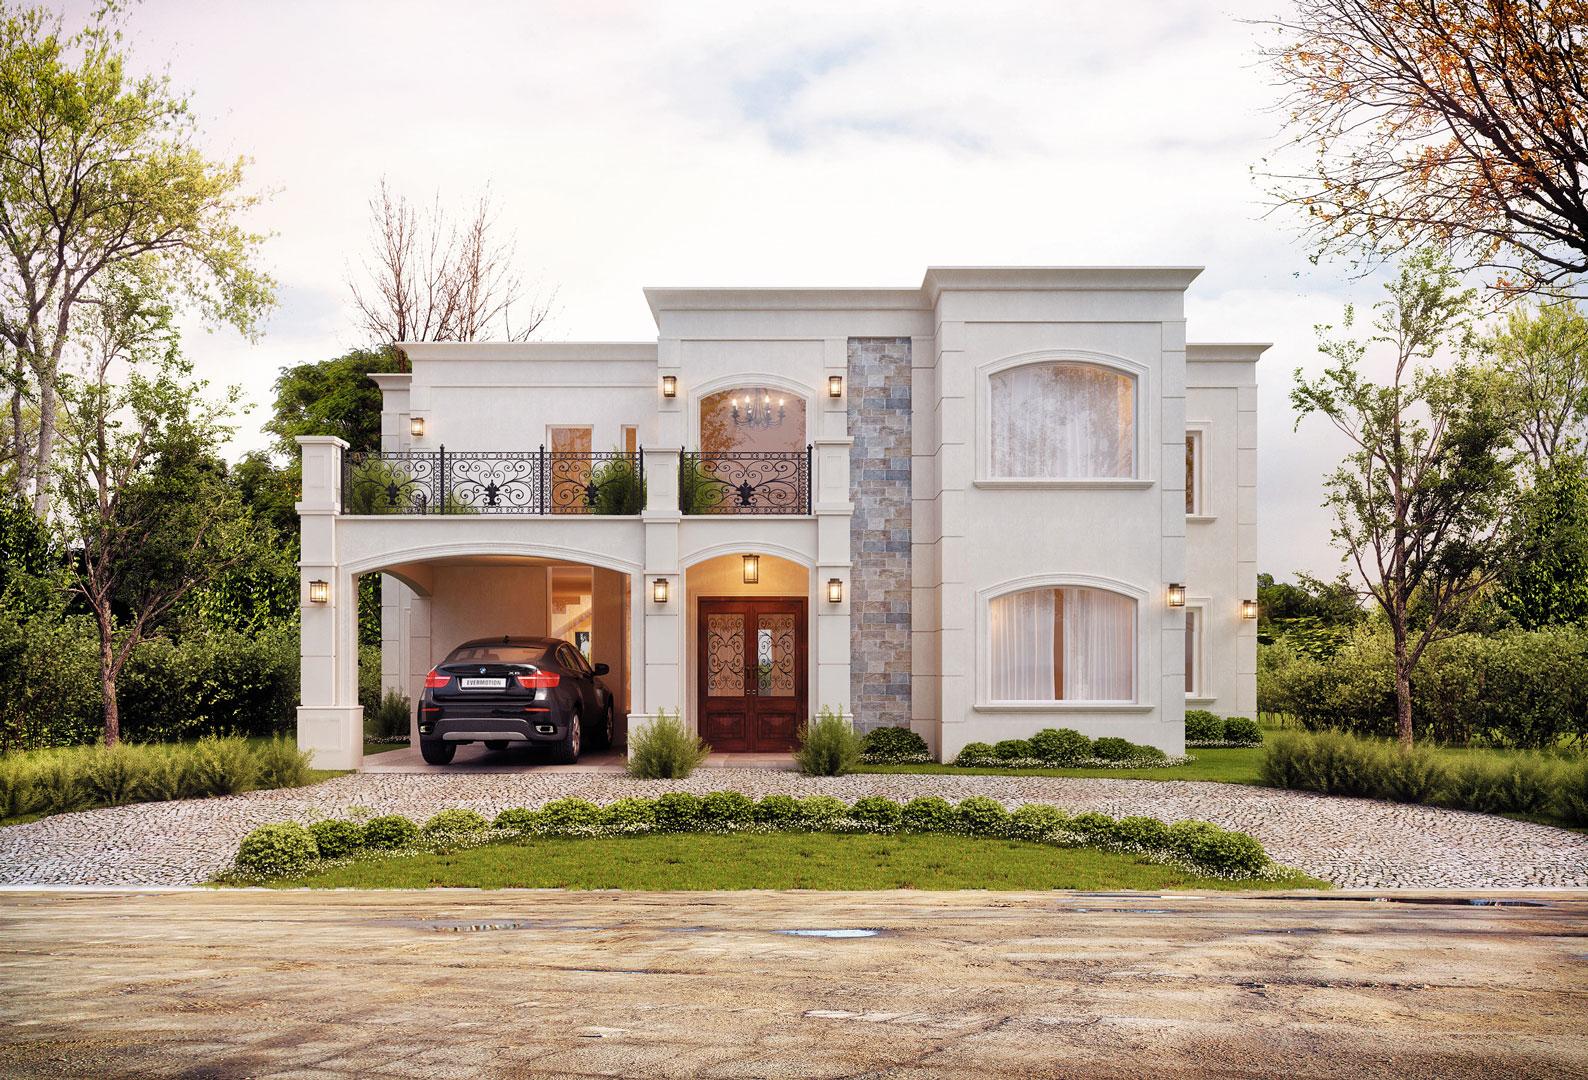 Estudio nf y asociados arquitecto arquitectos portal de arquitectos - Arquitectos casas modernas ...